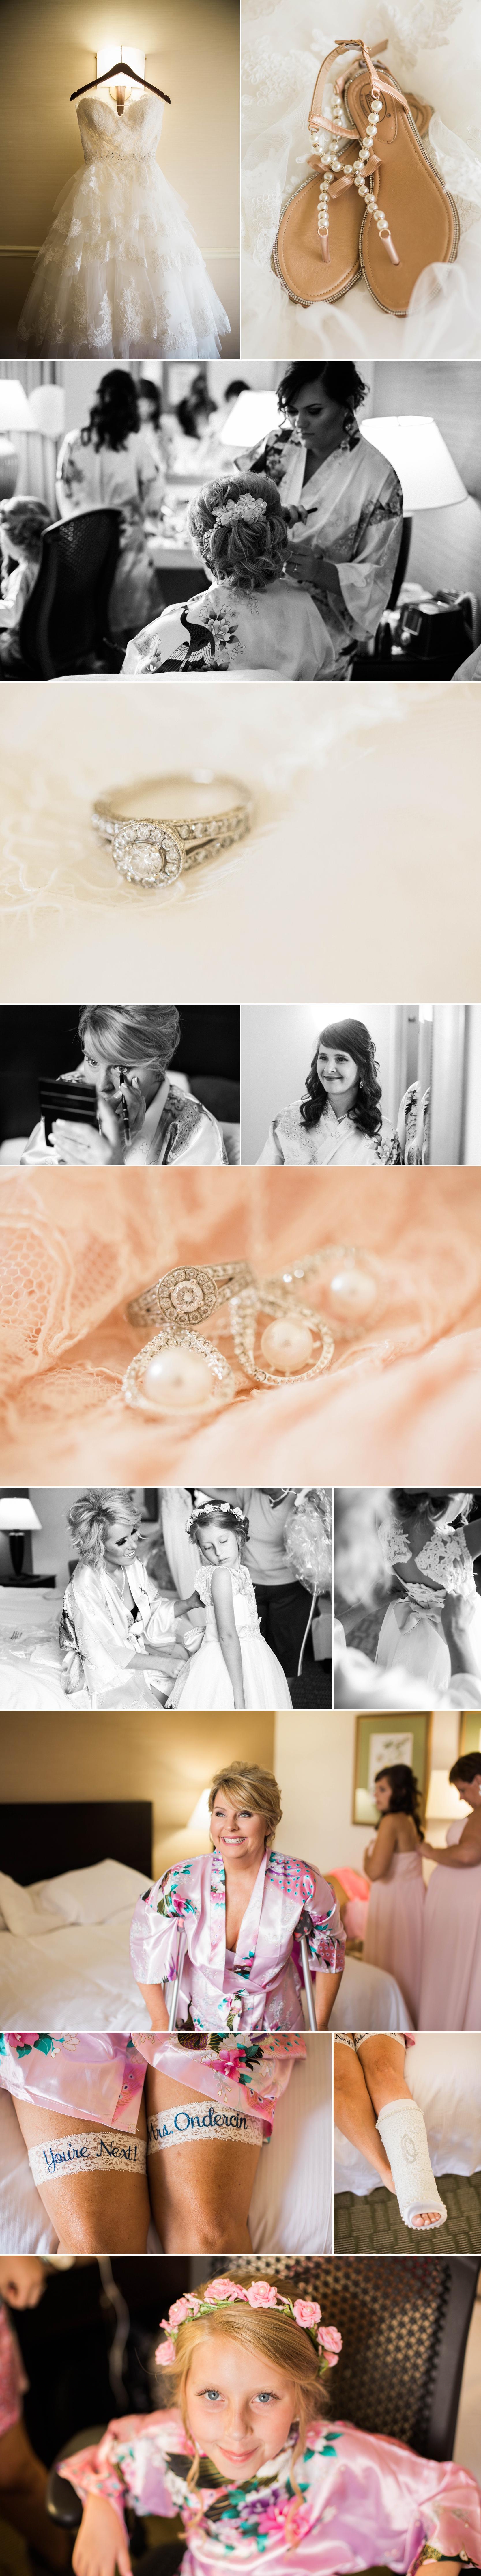 wedding day-wedding-getting ready-bride-details-wedding dress-love